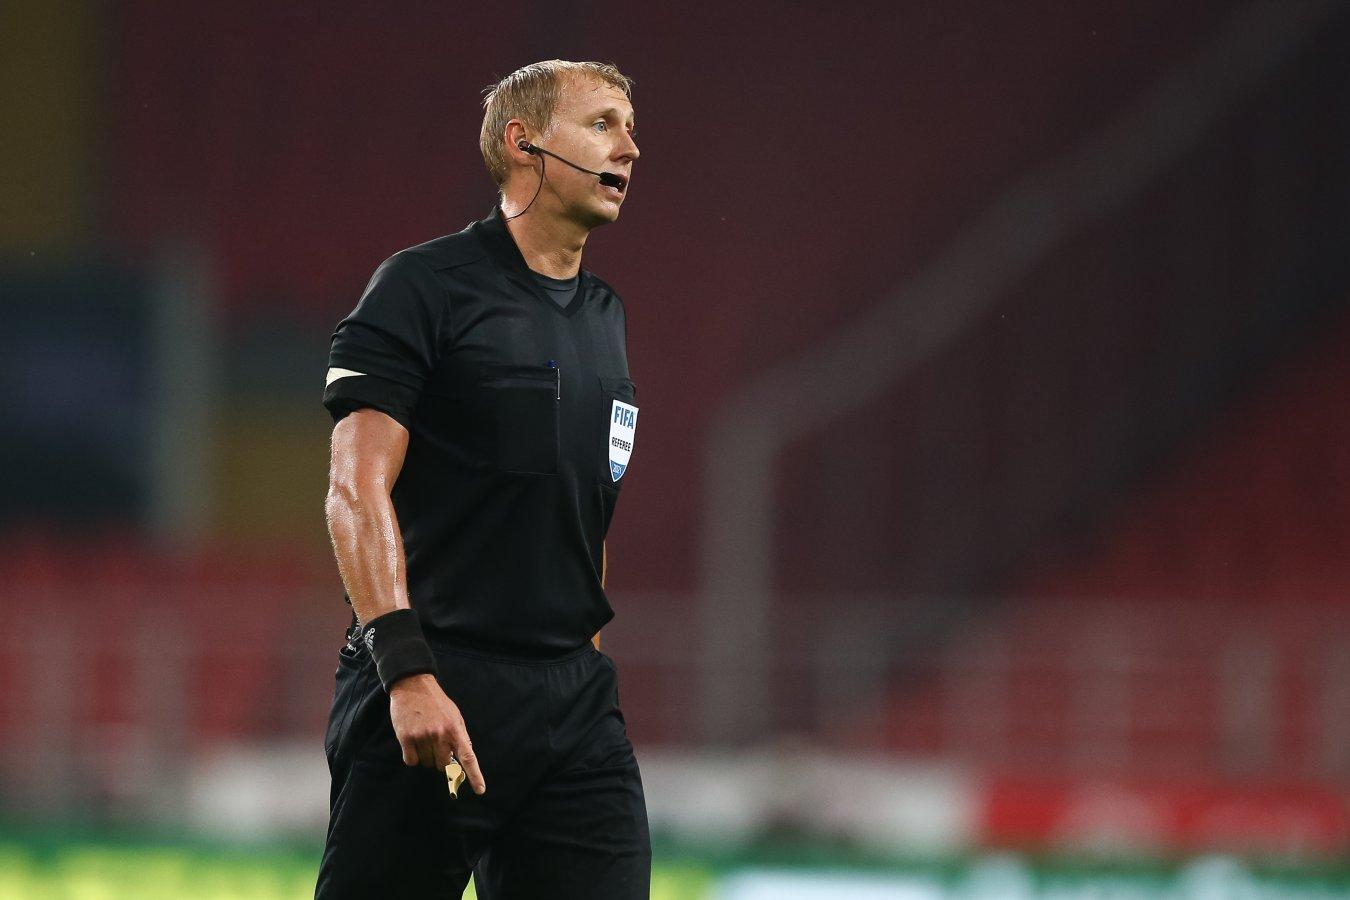 Судья Иванов объяснил, почему удалил Слуцкого в матче с «Зенитом»